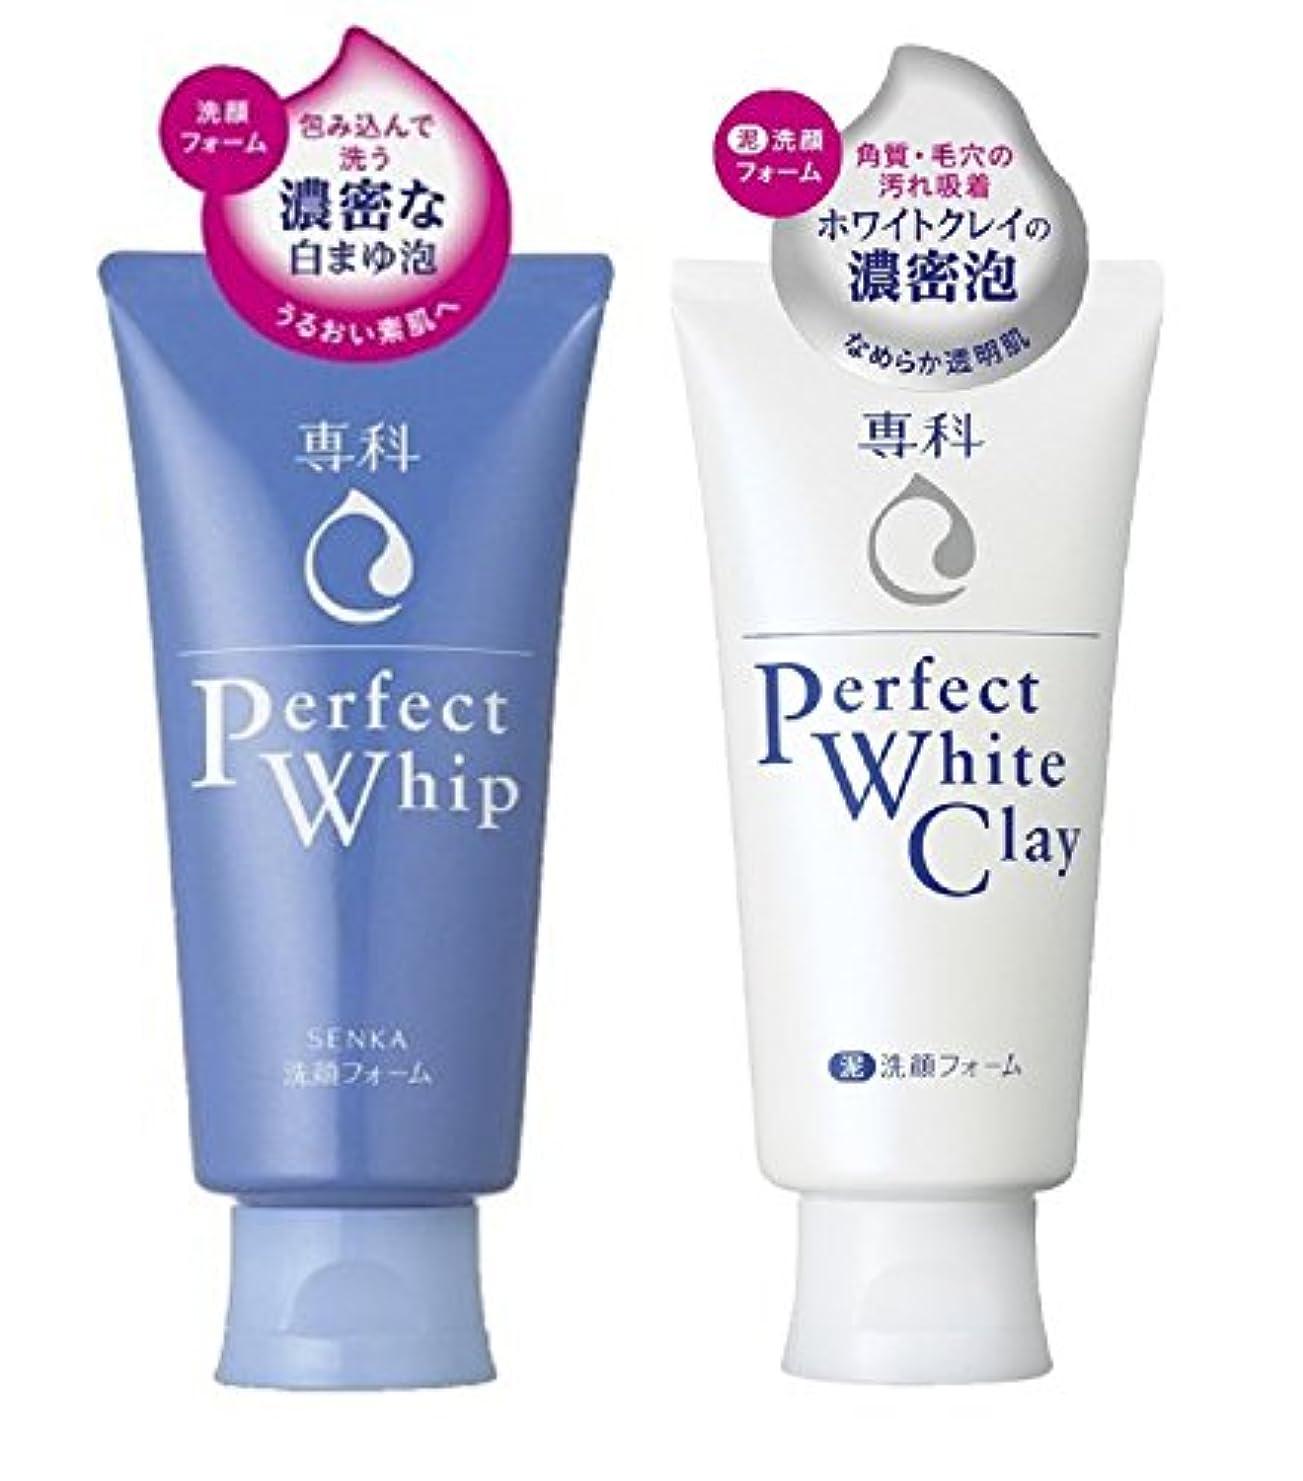 当社リゾート研究朝晩洗顔フォーム専科セット品 パーフェクトホイップn + パーフェクト ホワイトクレイ 120gx2